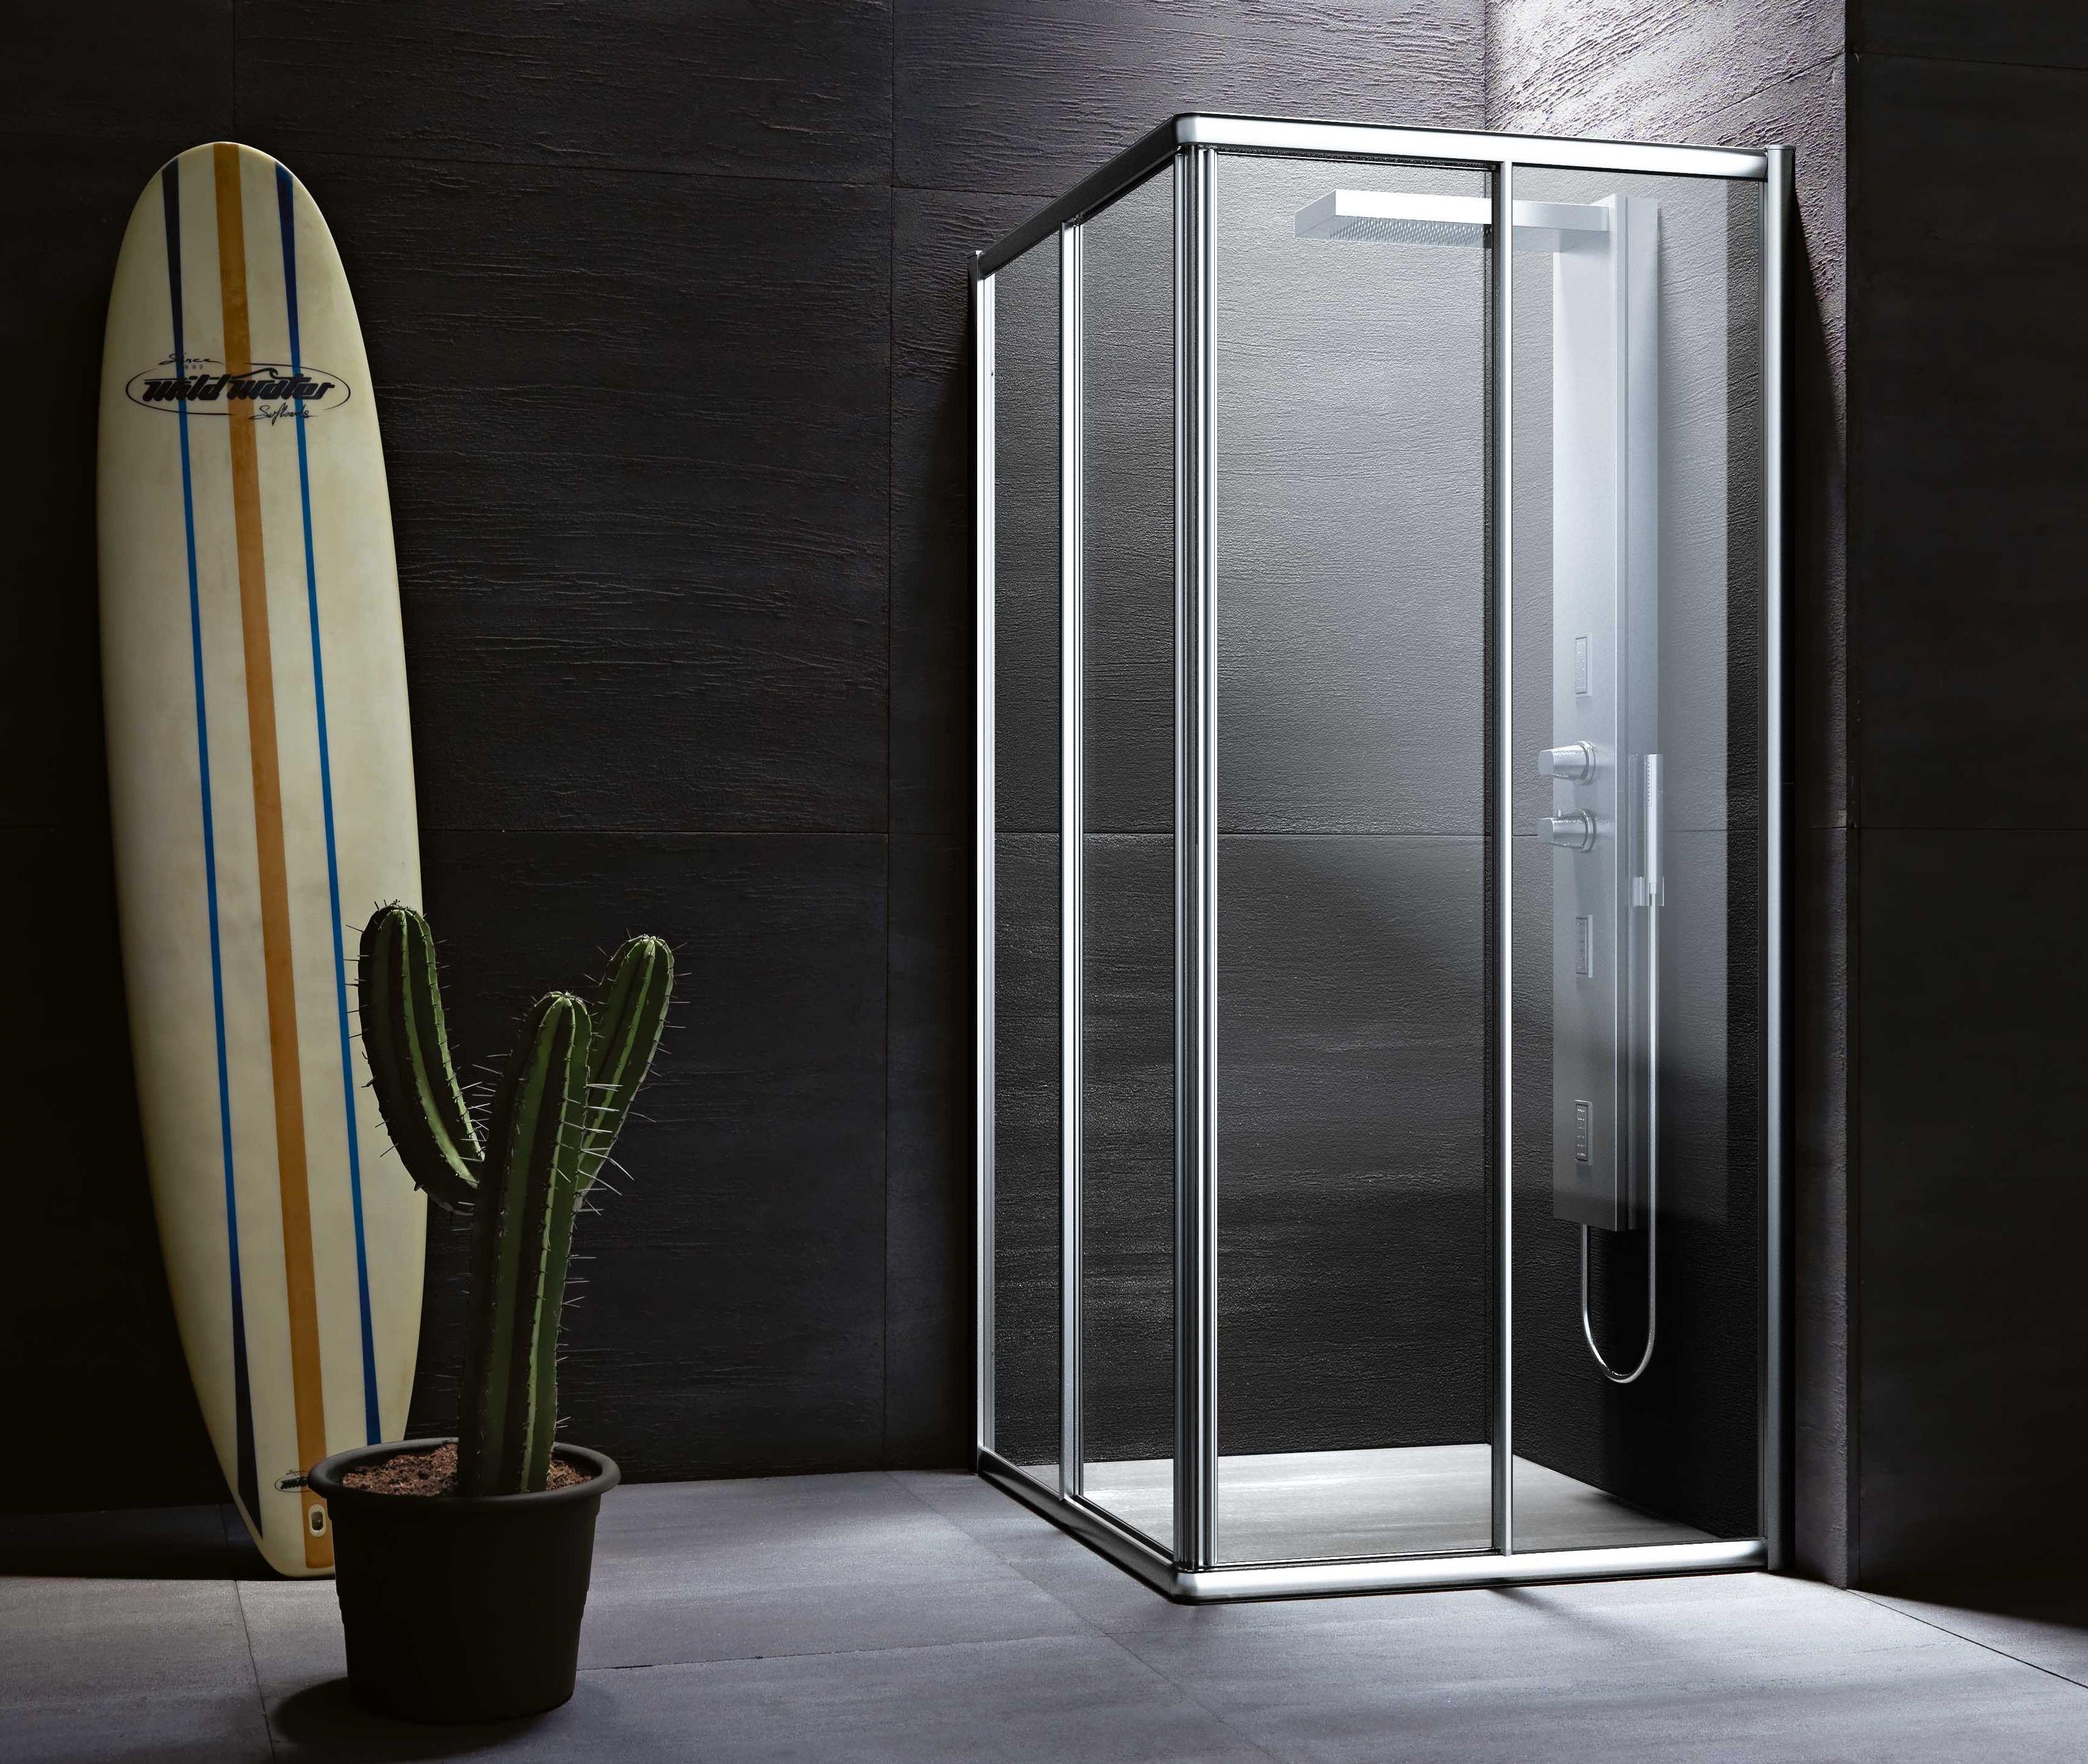 Душевая кабина для серой ванной комнаты с кактусом